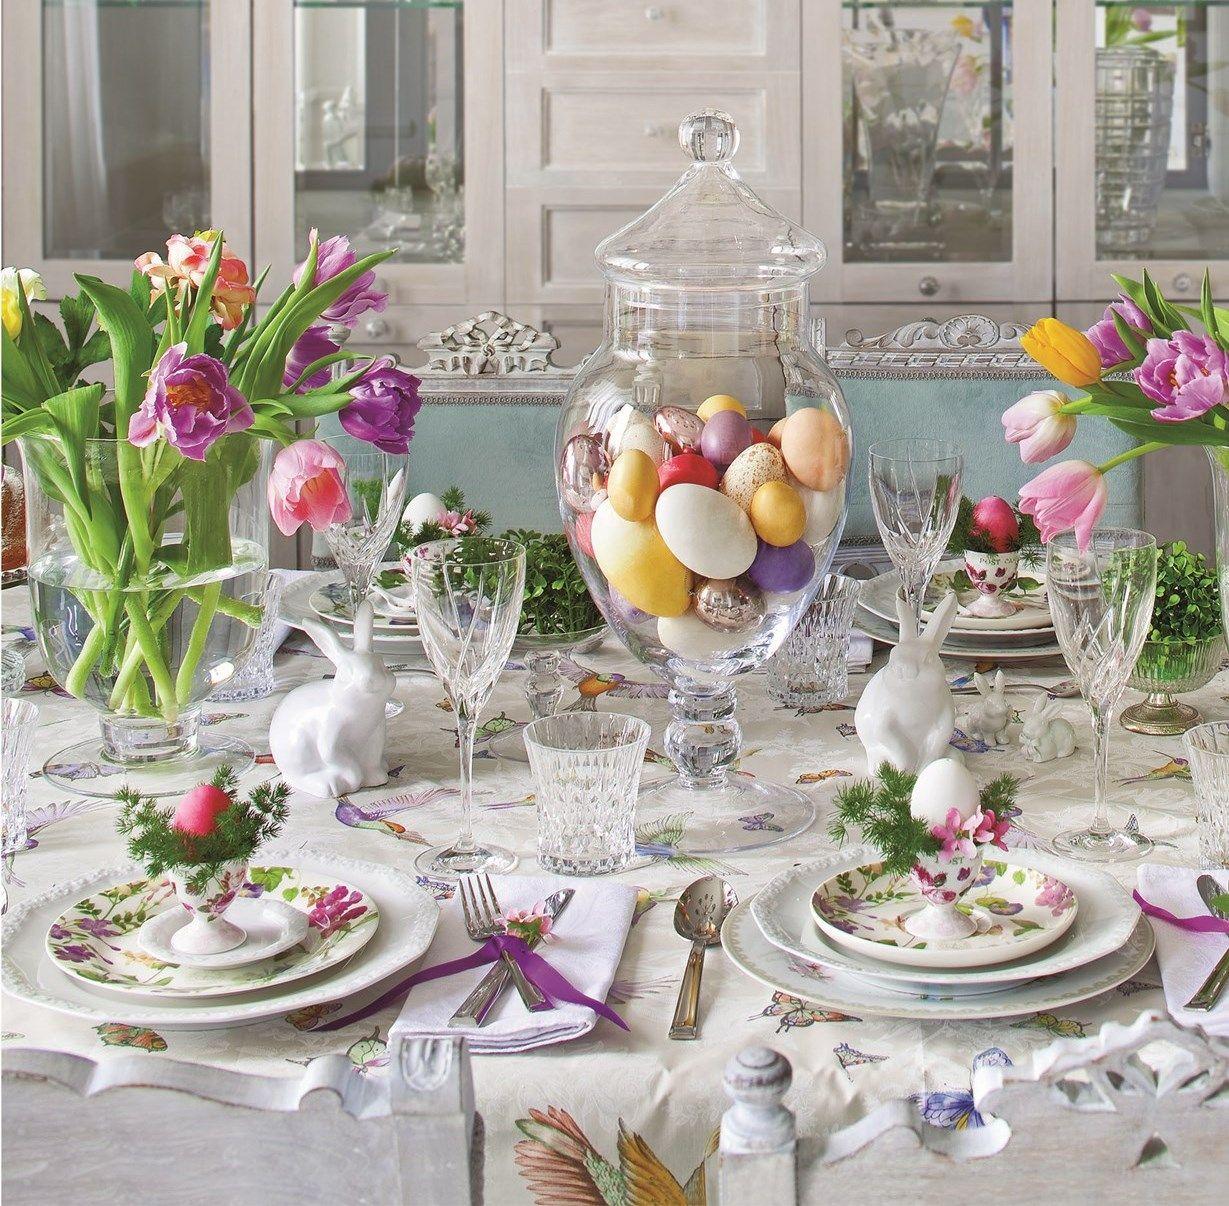 Https Www Weranda Pl Data Articles Stol Wielkanocny 2018 Dekoracje 6 Jpg Easter Dining Table Decor Easter Dinner Table Setting Easter Tablescapes